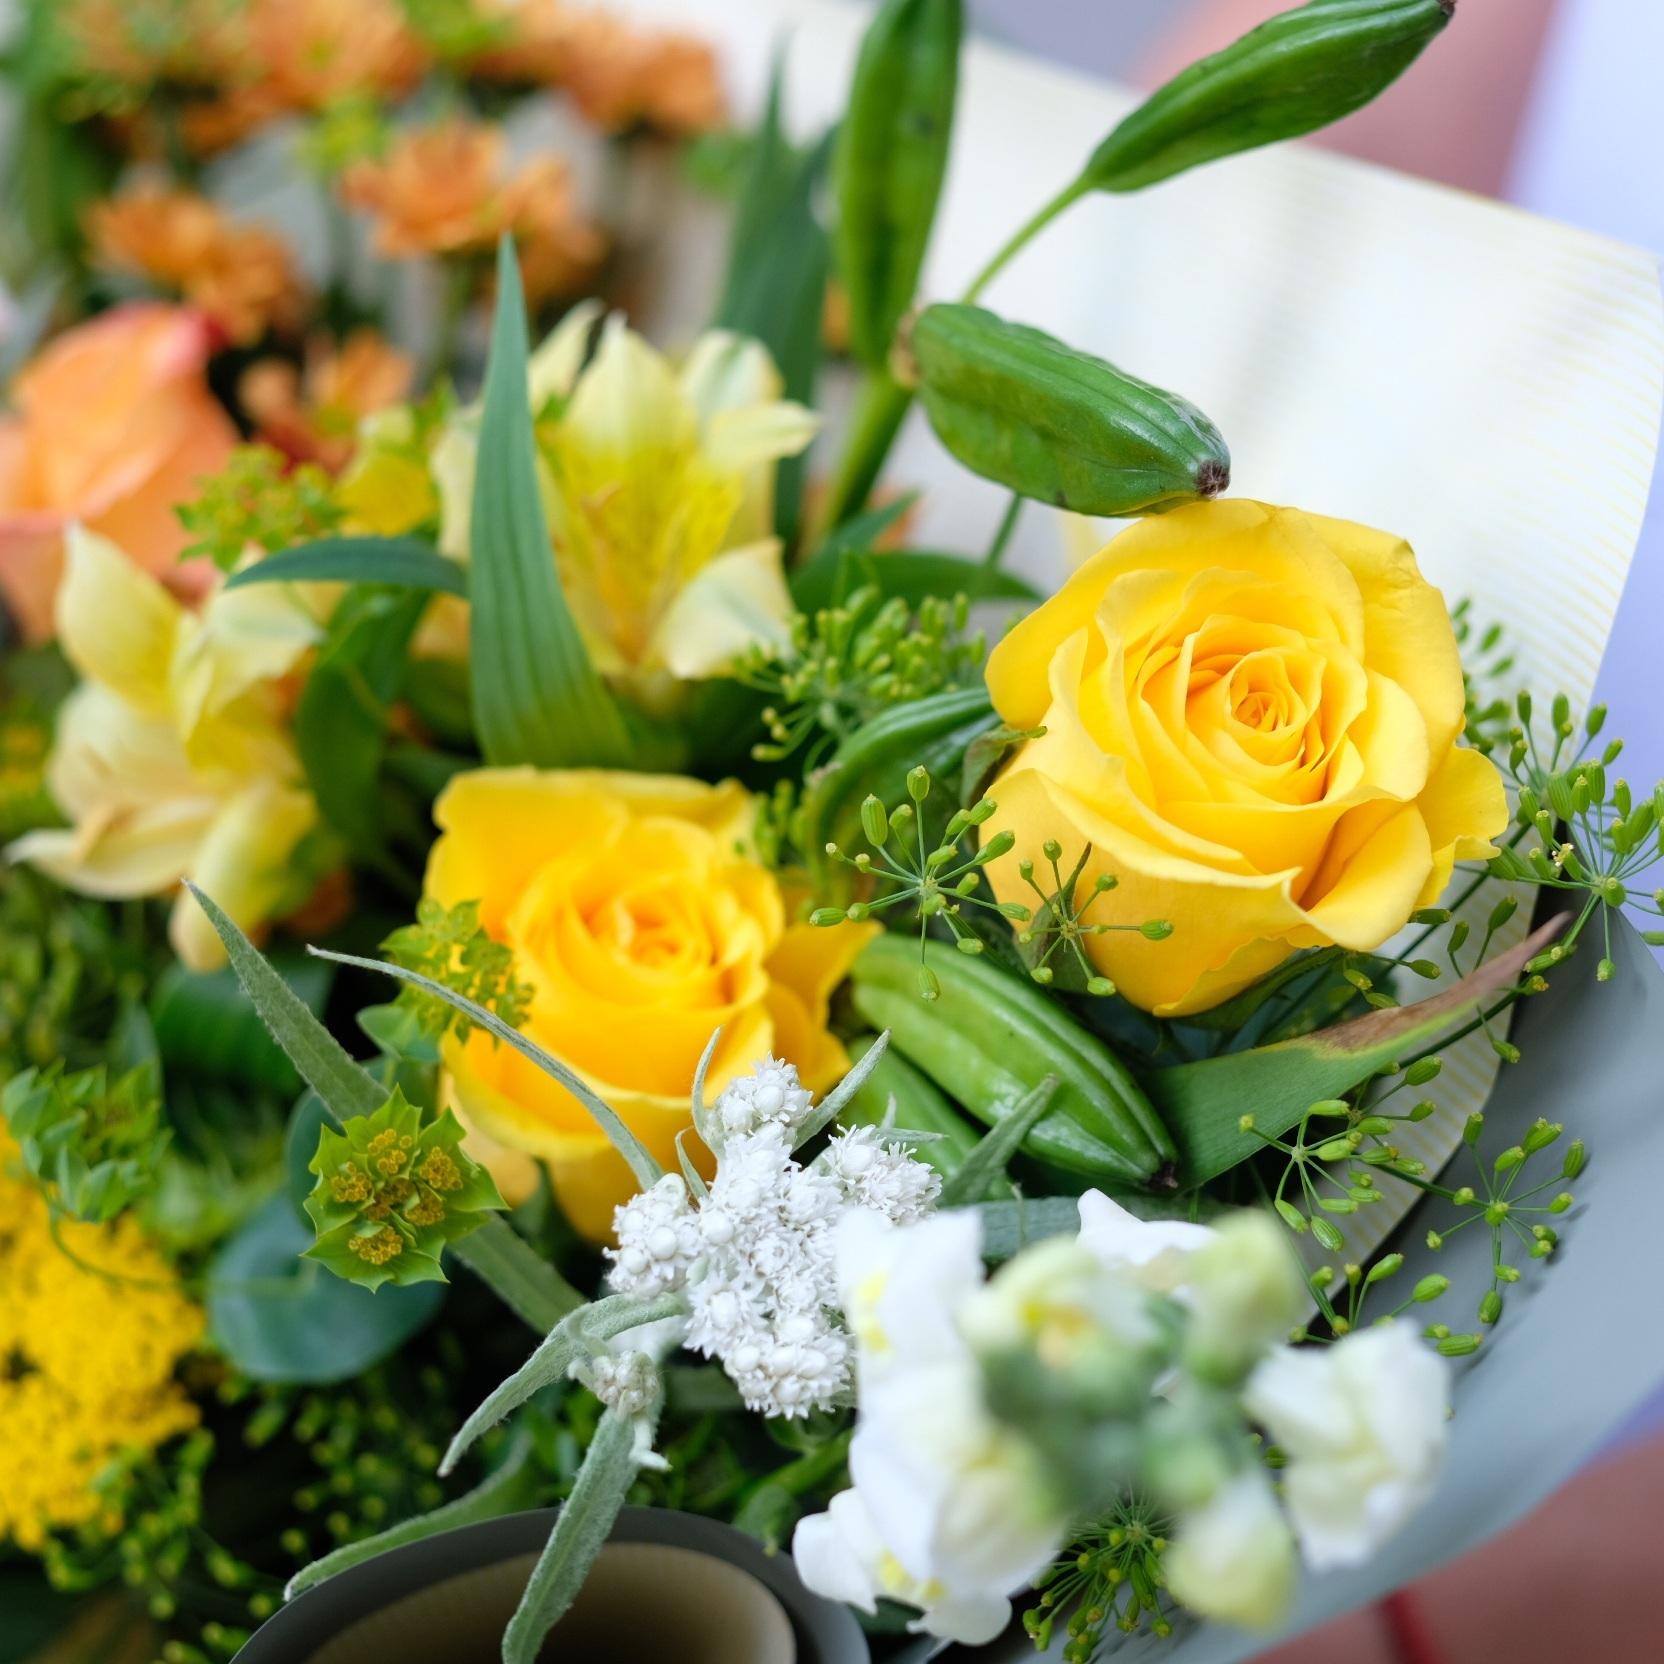 Букет летний №18 с жёлтыми розами и укропом